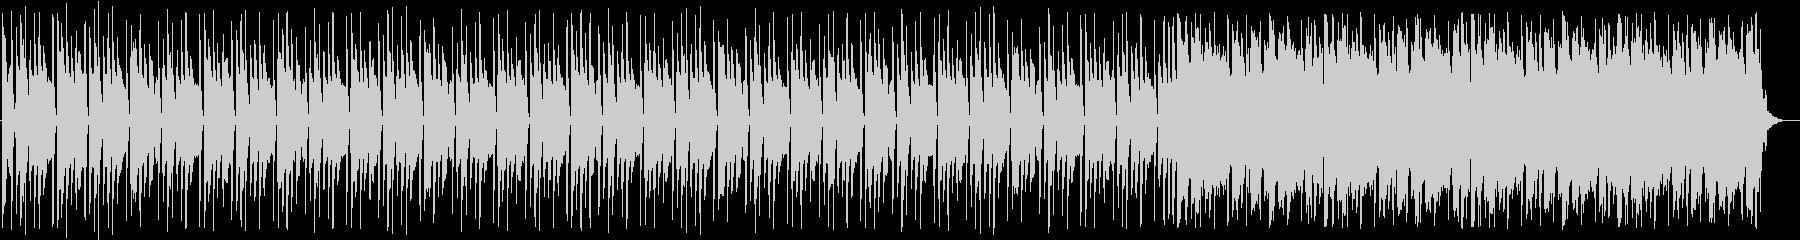 軽快な4つ打ちハウス_No583_2の未再生の波形